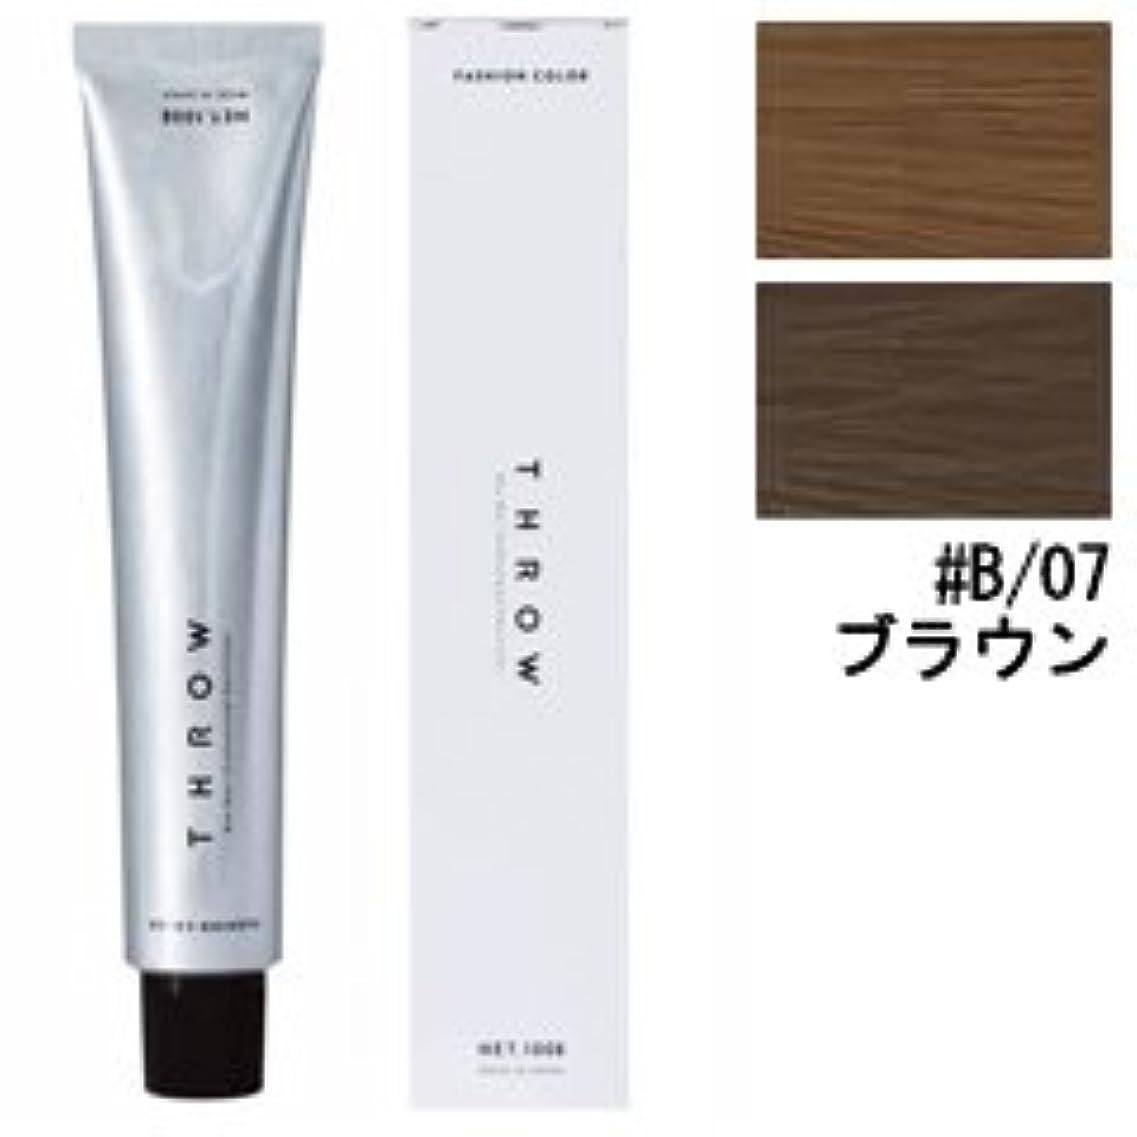 乗って最高シーン【モルトベーネ】スロウ ファッションカラー #B/07 ブラウン 100g